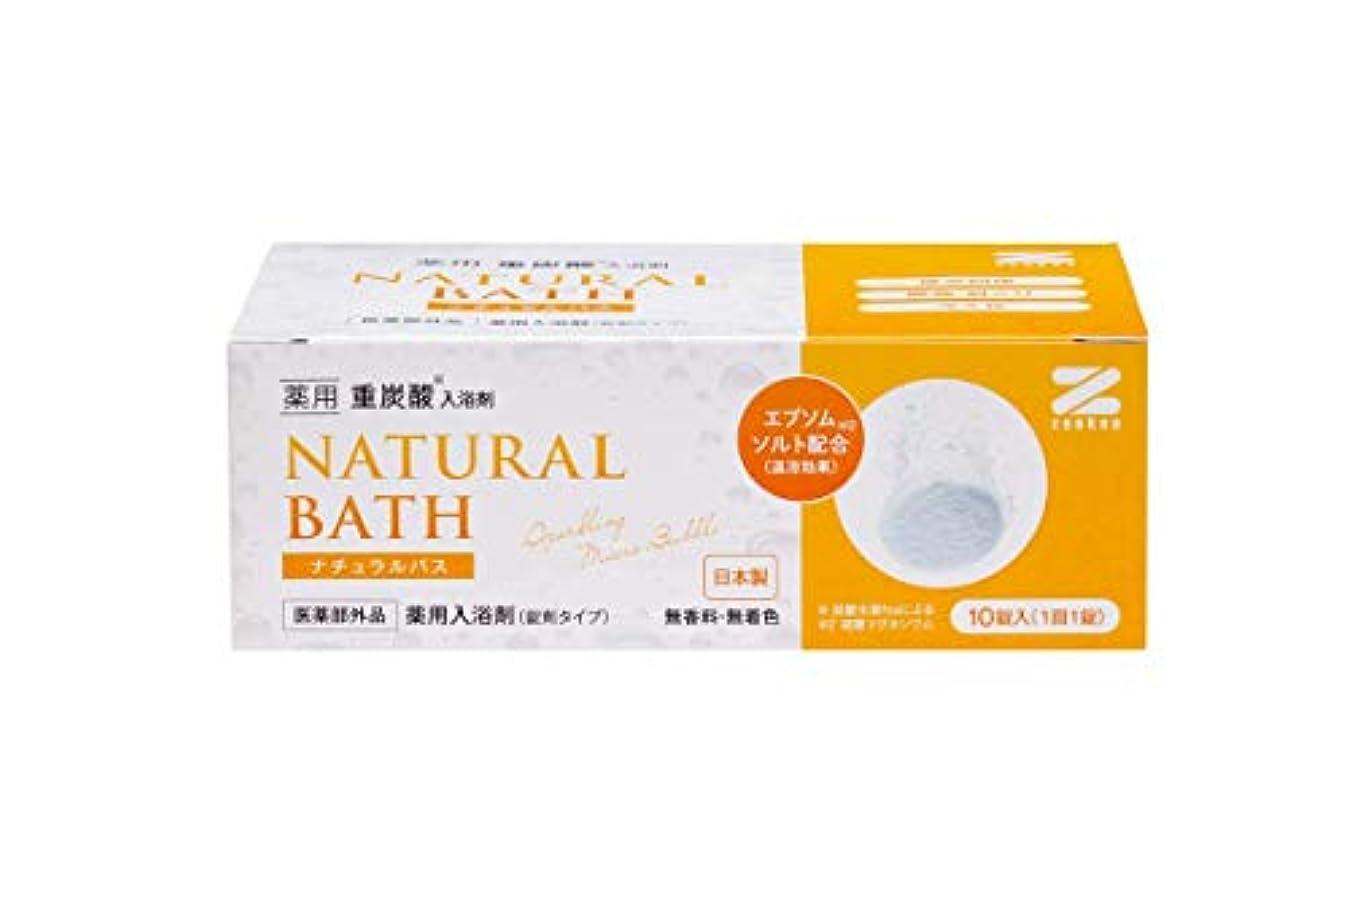 【10個セット】薬用 重炭酸入浴剤 ナチュラルバス 10個入